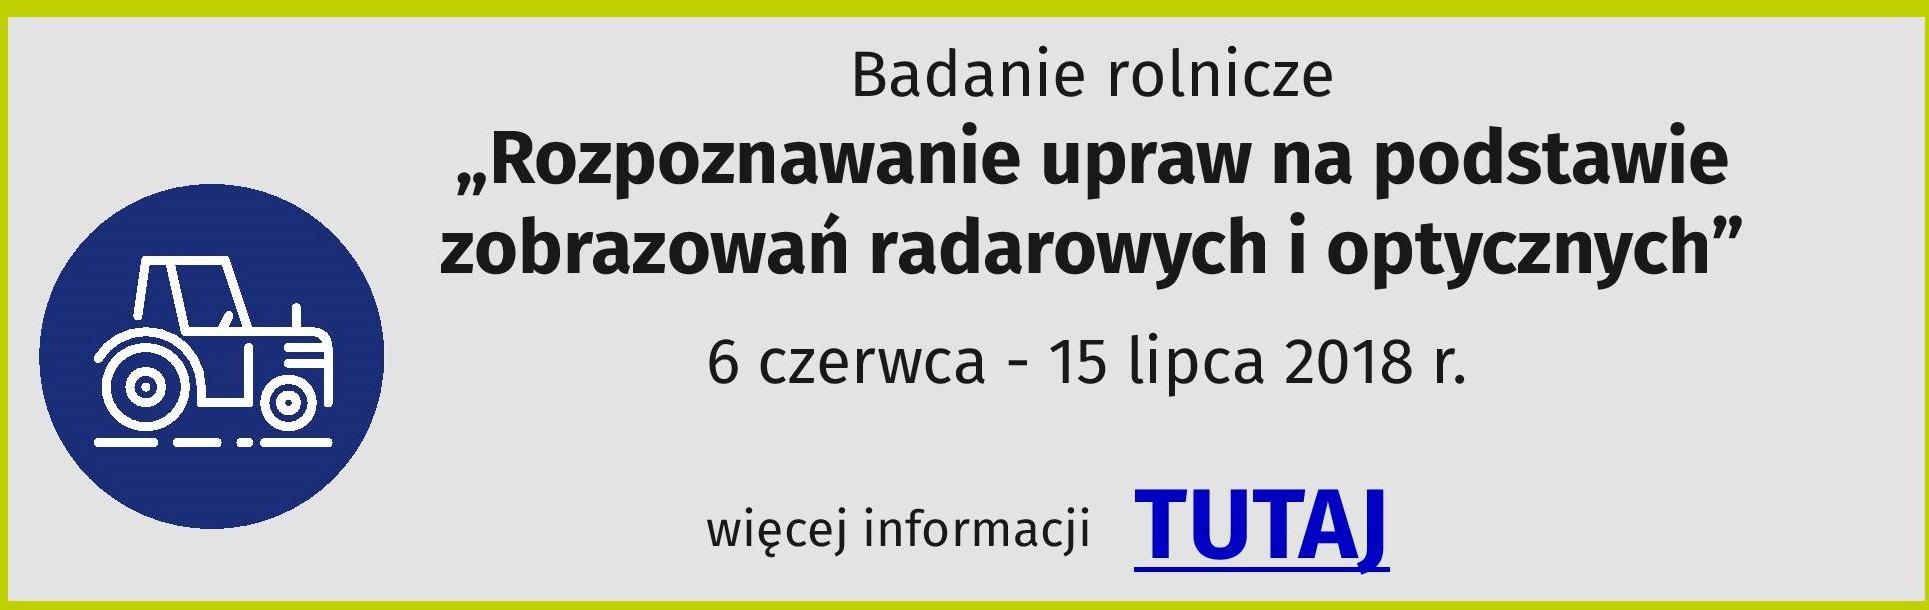 Badania statystyczne zzakresu rolnictwa wczerwcu ilipcu 2018 r.